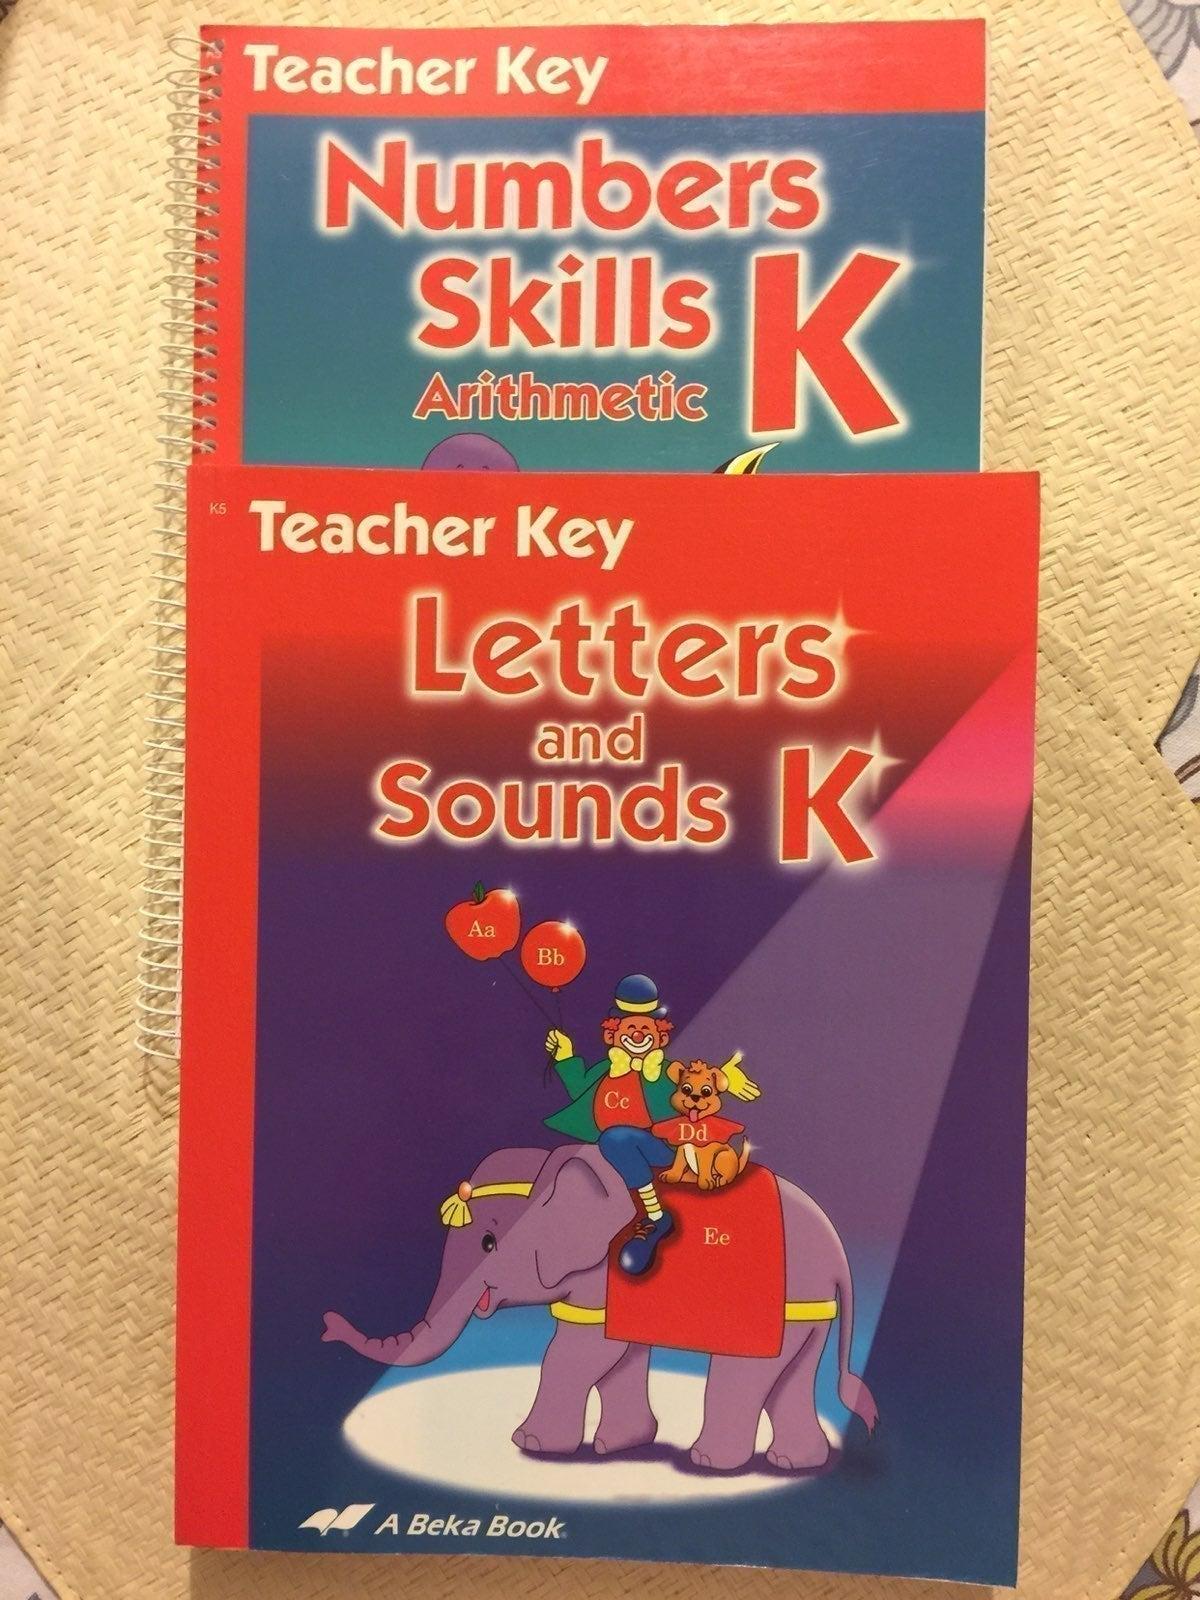 Abeka kindergarten letters and sounds-nu